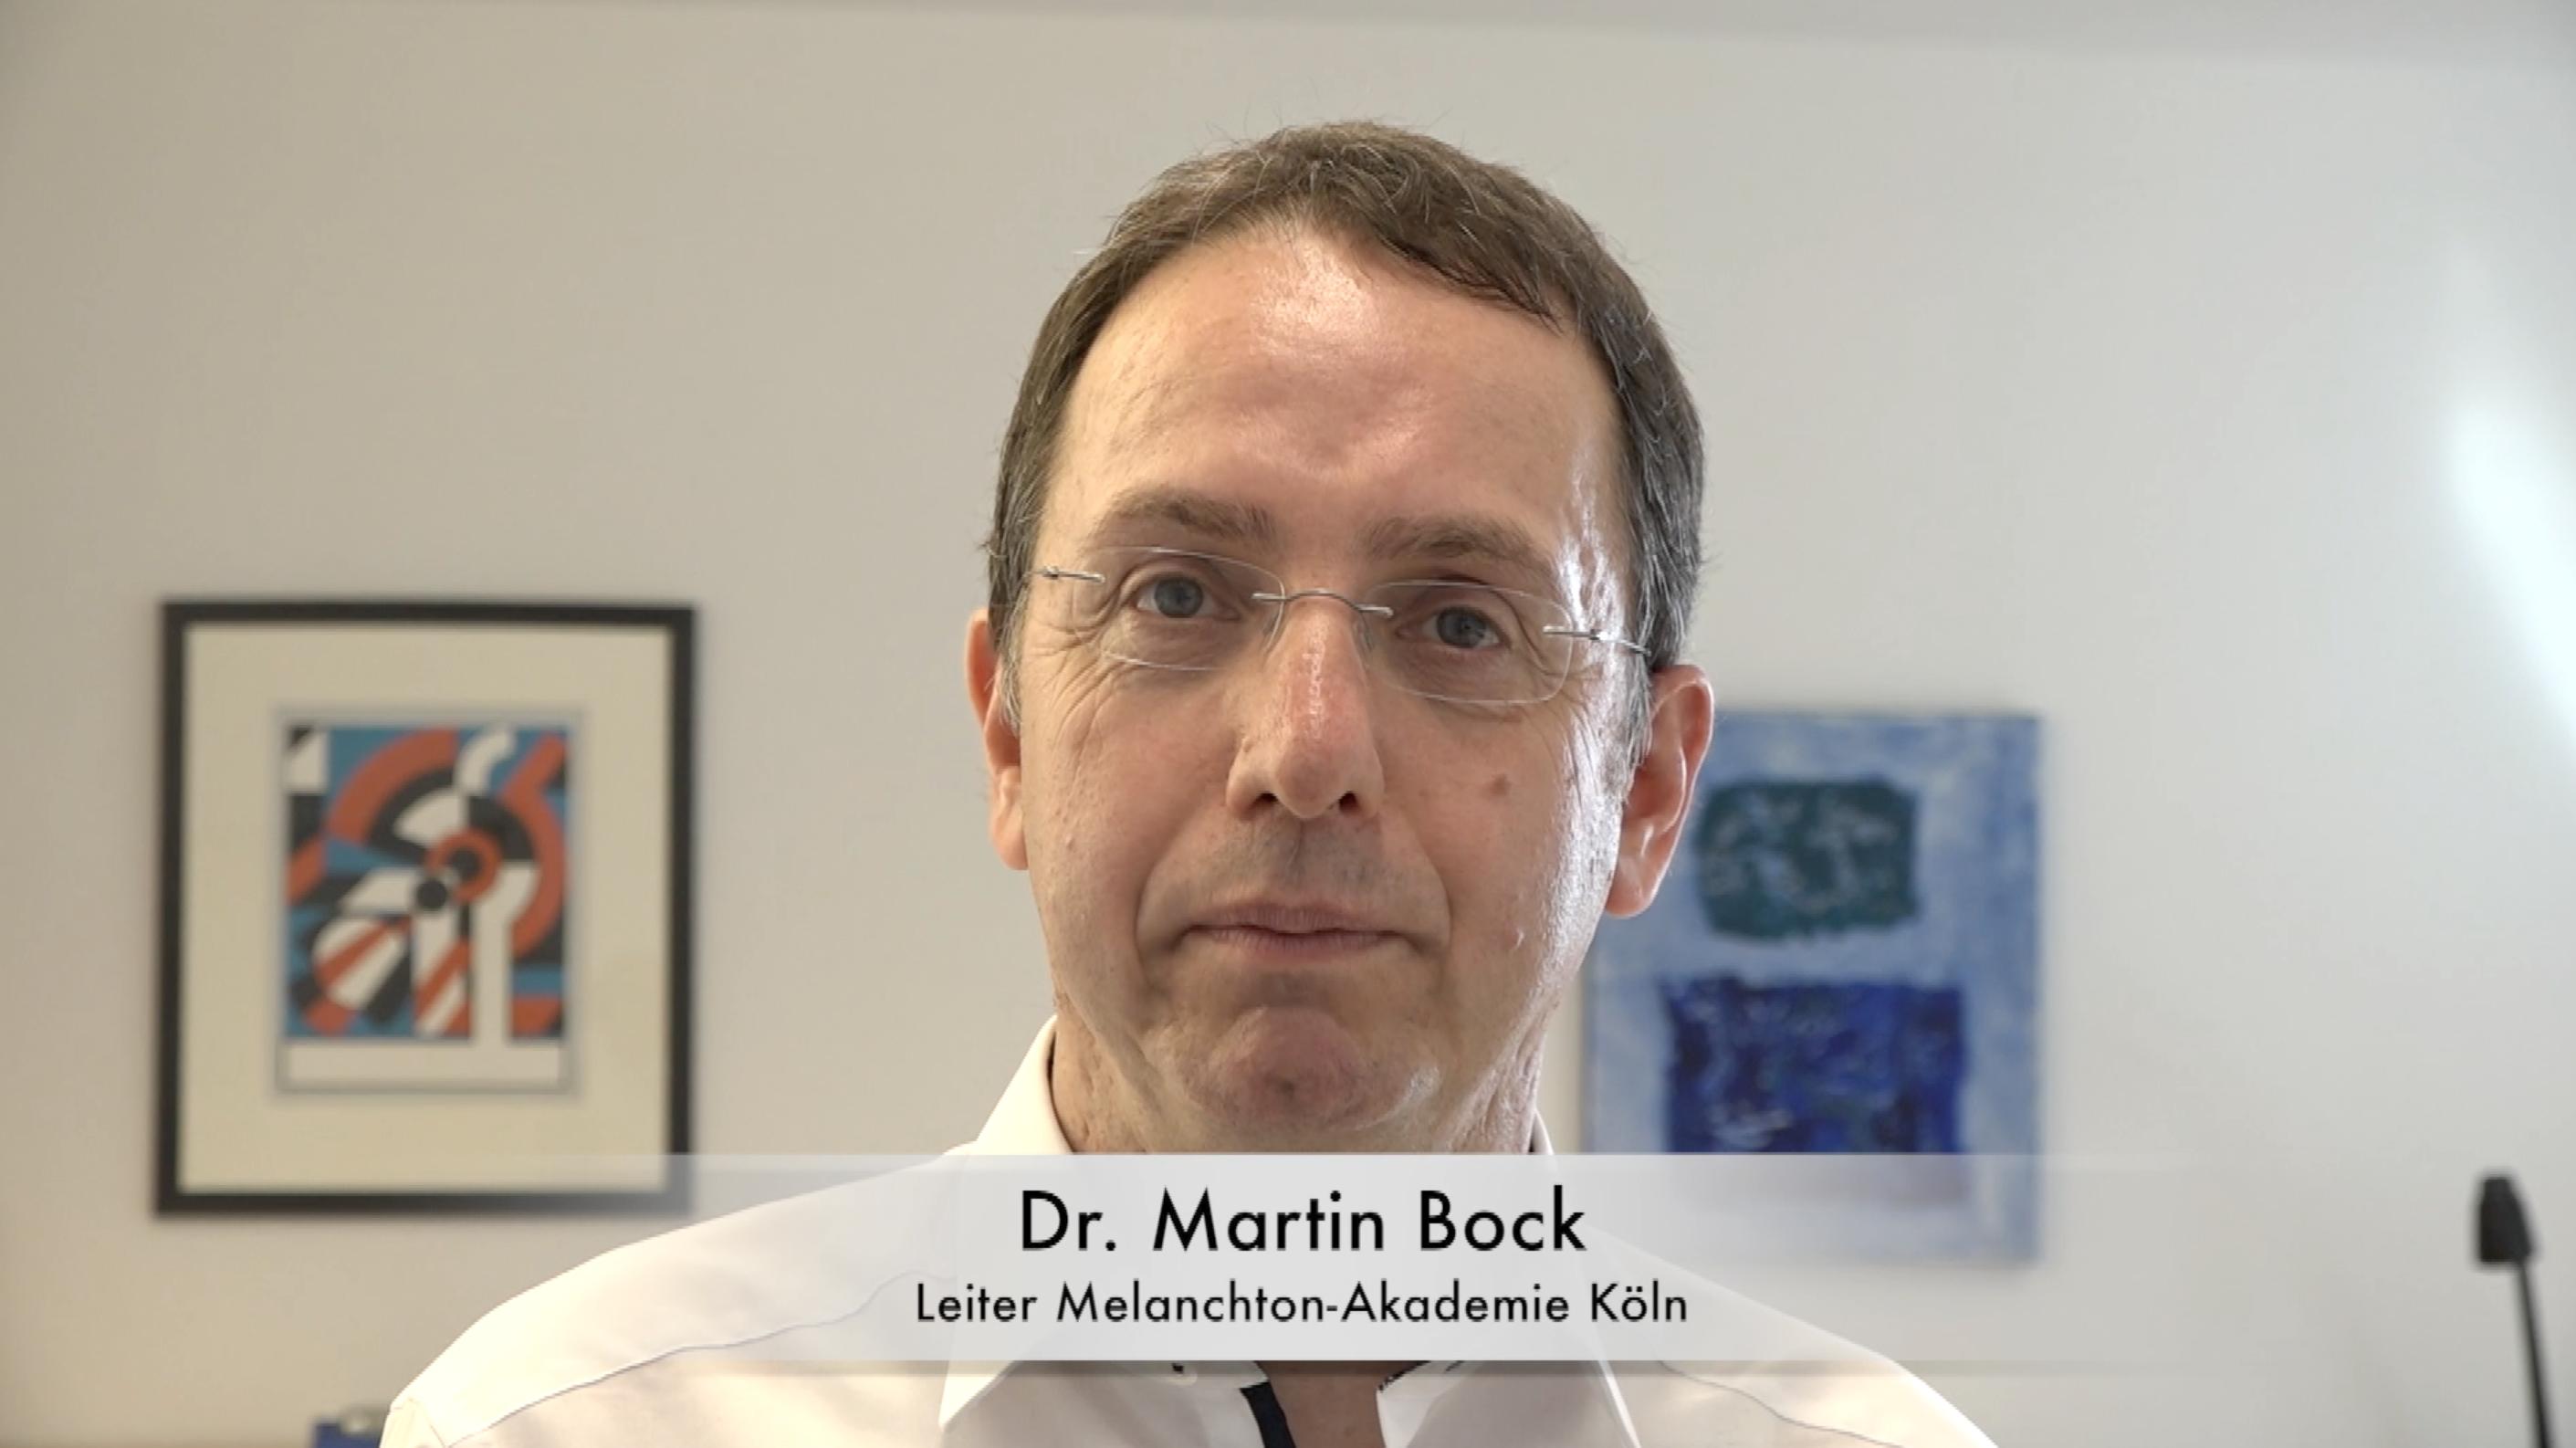 """30 Jahre Mauerfall, Karl-Barth-Jahr und die """"Neue Nachhaltigkeit"""" – Programm für das zweite Halbjahr 2019 der Melanchthon-Akademie vorgestellt"""